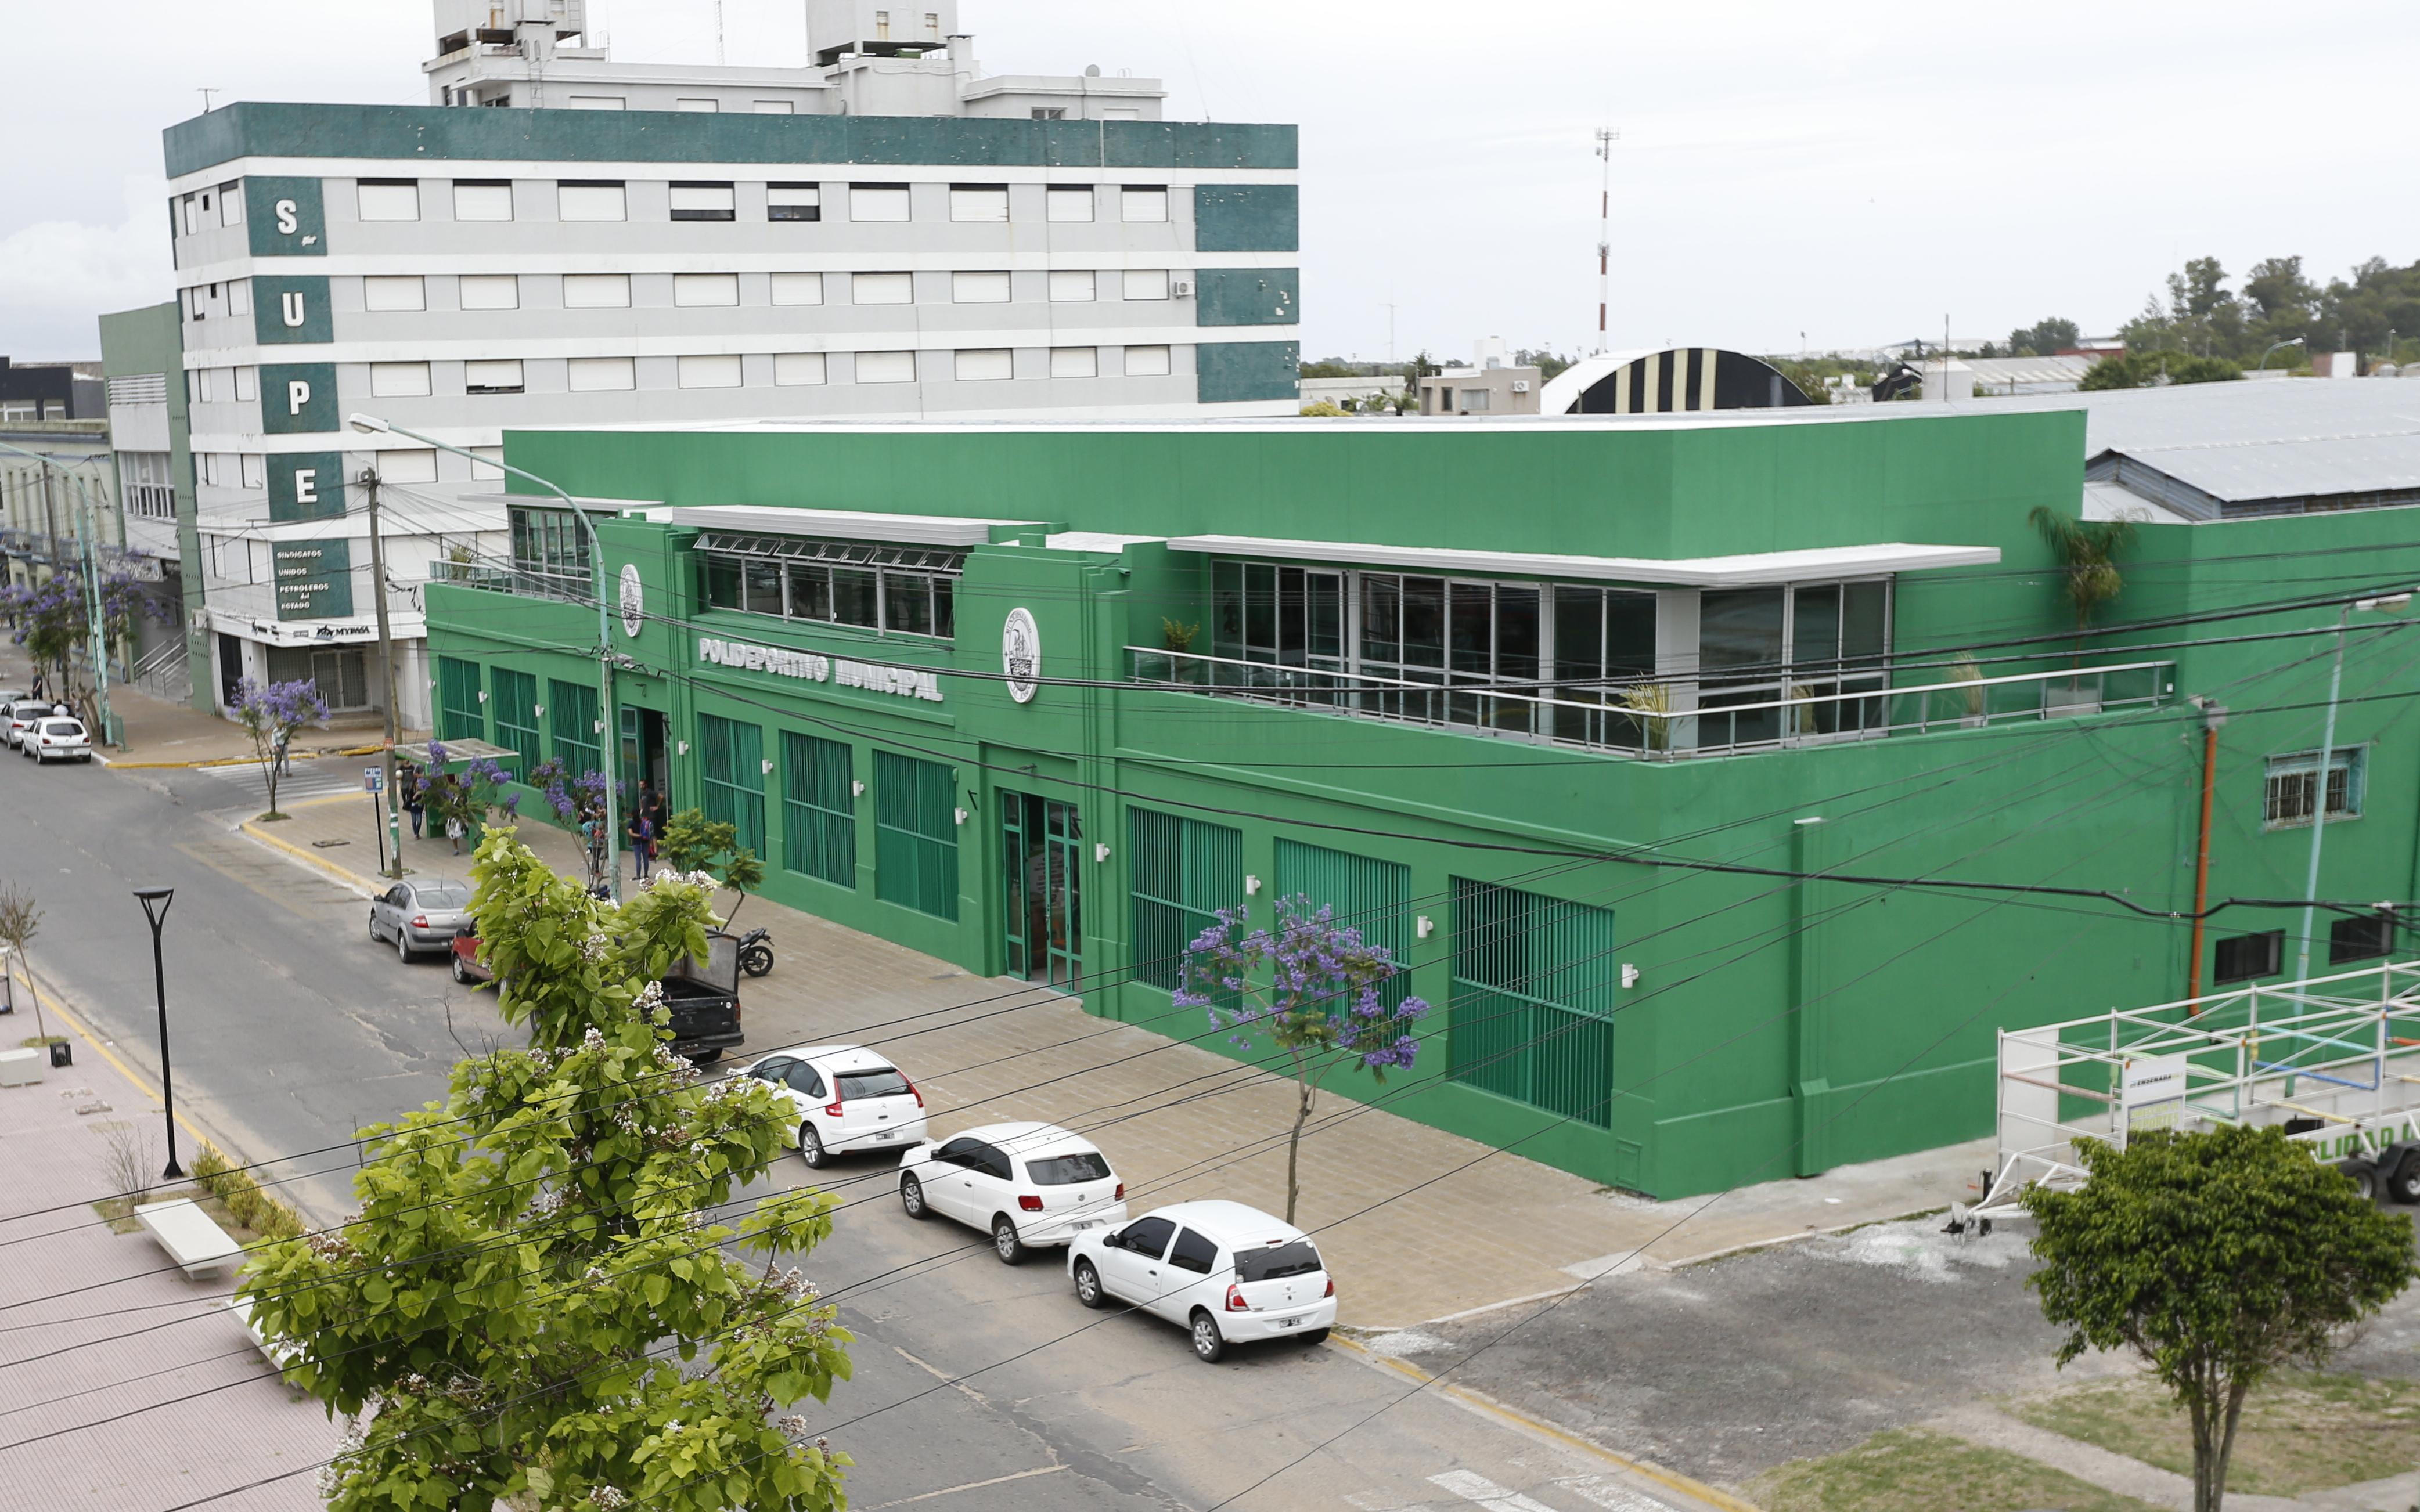 El intendente de Ensenada, Mario Secco, inauguró el nuevo Salón de Usos Múltiples del Polideportivo Municipal junto a vecinos de la ciudad.